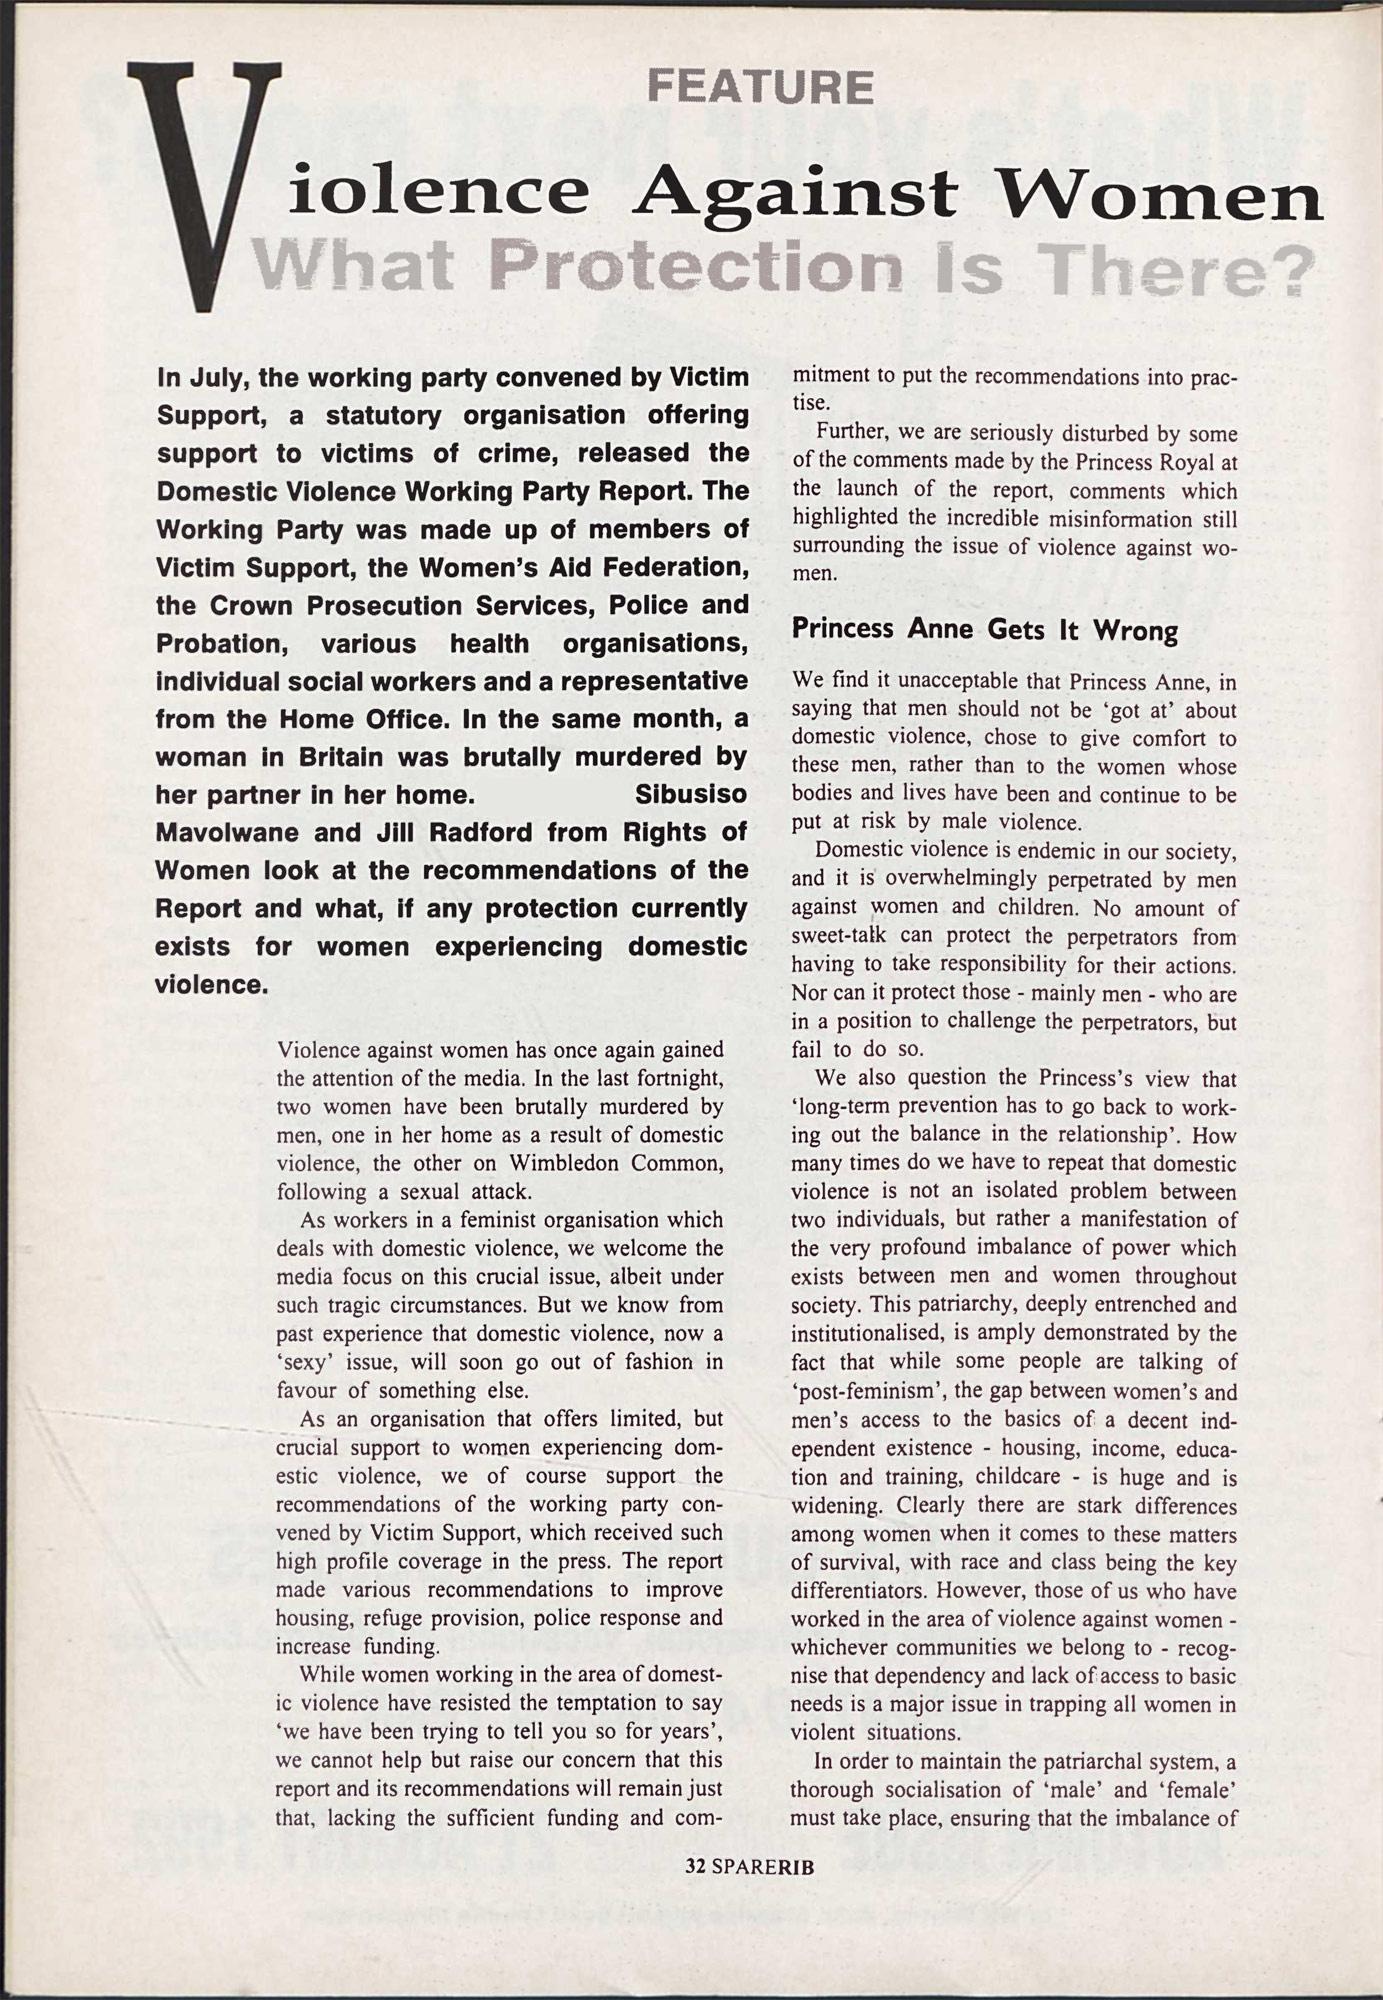 Spare Rib magazine issue 237 p. 32